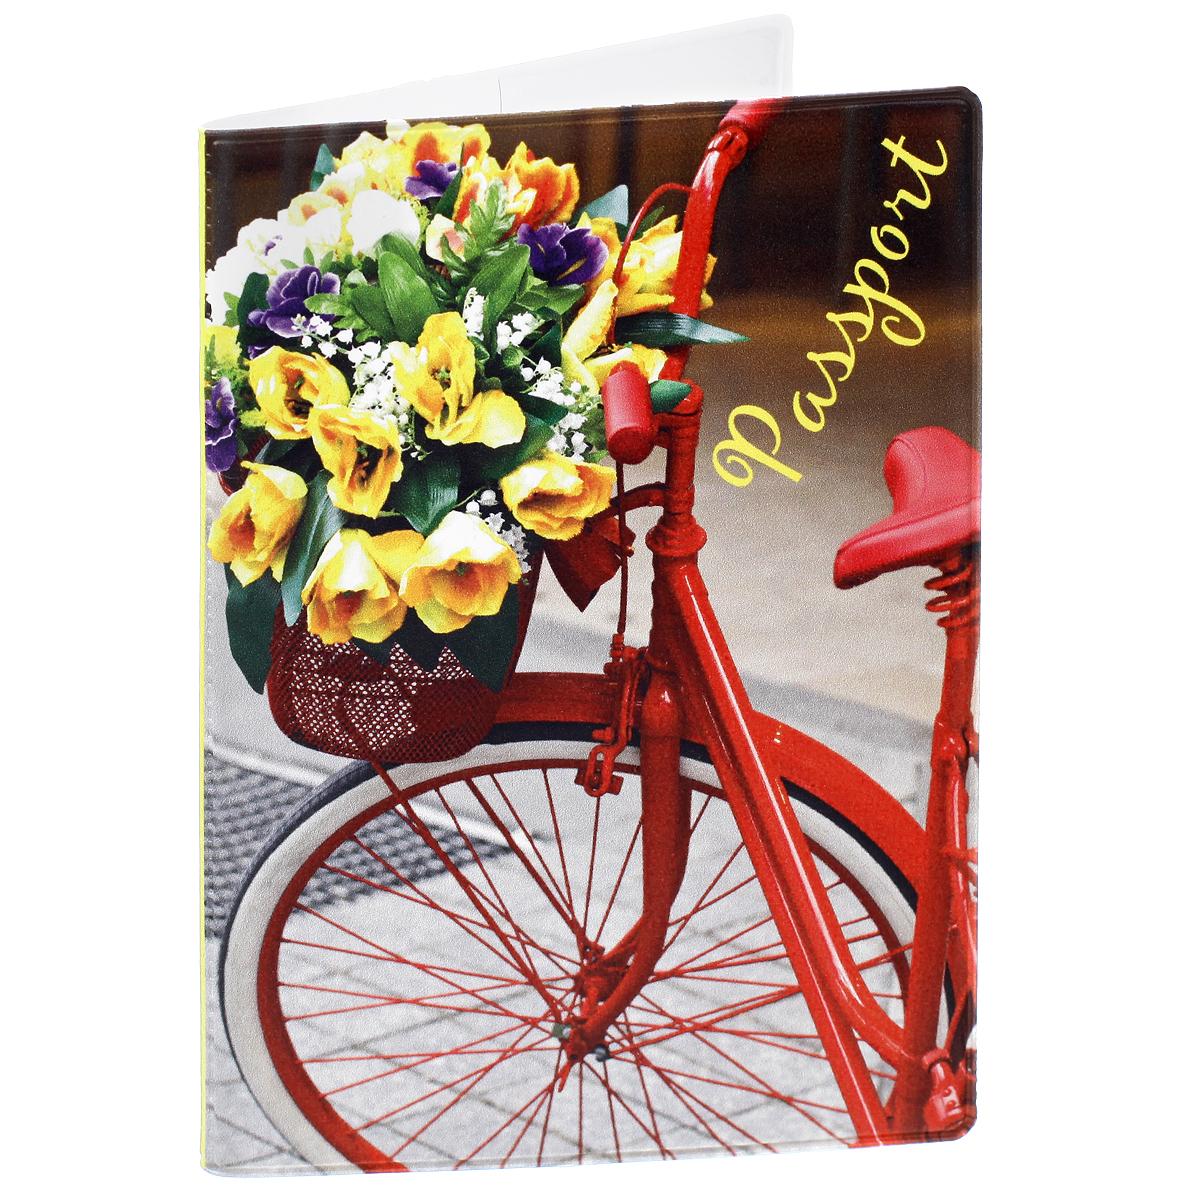 Обложка для паспорта Романтика, цвет: красный, желтый. 35669991Обложка для паспорта Романтика не только поможет сохранить внешний вид ваших документов и защитить их от повреждений, но и станет стильным аксессуаром, идеально подходящим вашему образу. Обложка выполнена из поливинилхлорида и оформлена оригинальным изображением велосипеда с корзиной цветов . Внутри имеет два вертикальных кармана из прозрачного пластика. Такая обложка поможет вам подчеркнуть свою индивидуальность и неповторимость!